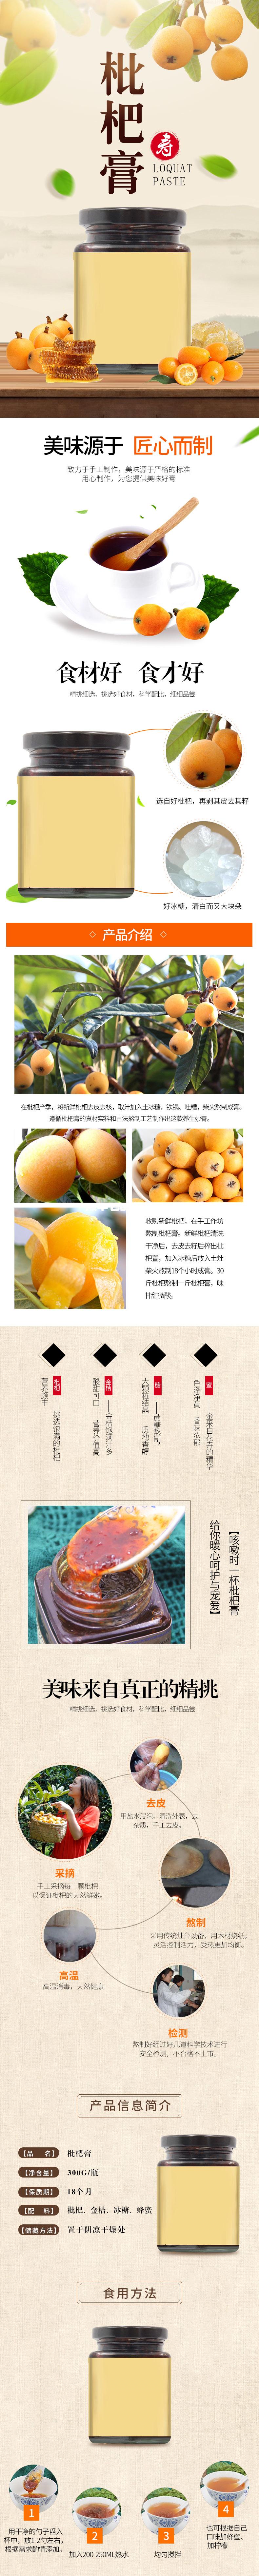 简约小清新枇杷膏食品茶饮详情页